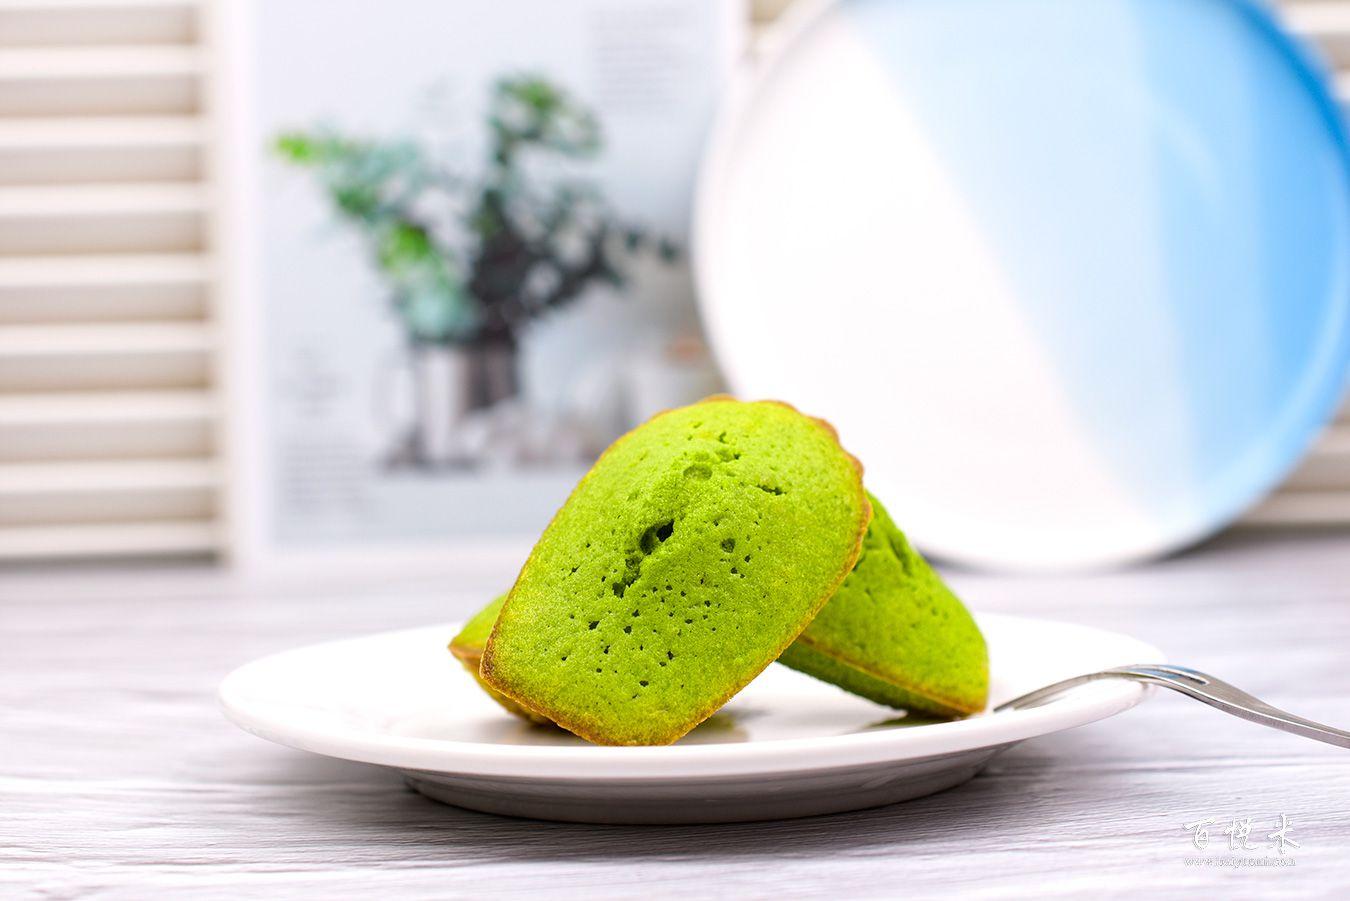 抹茶蔓越莓玛德琳高清图片大全【蛋糕图片】_363